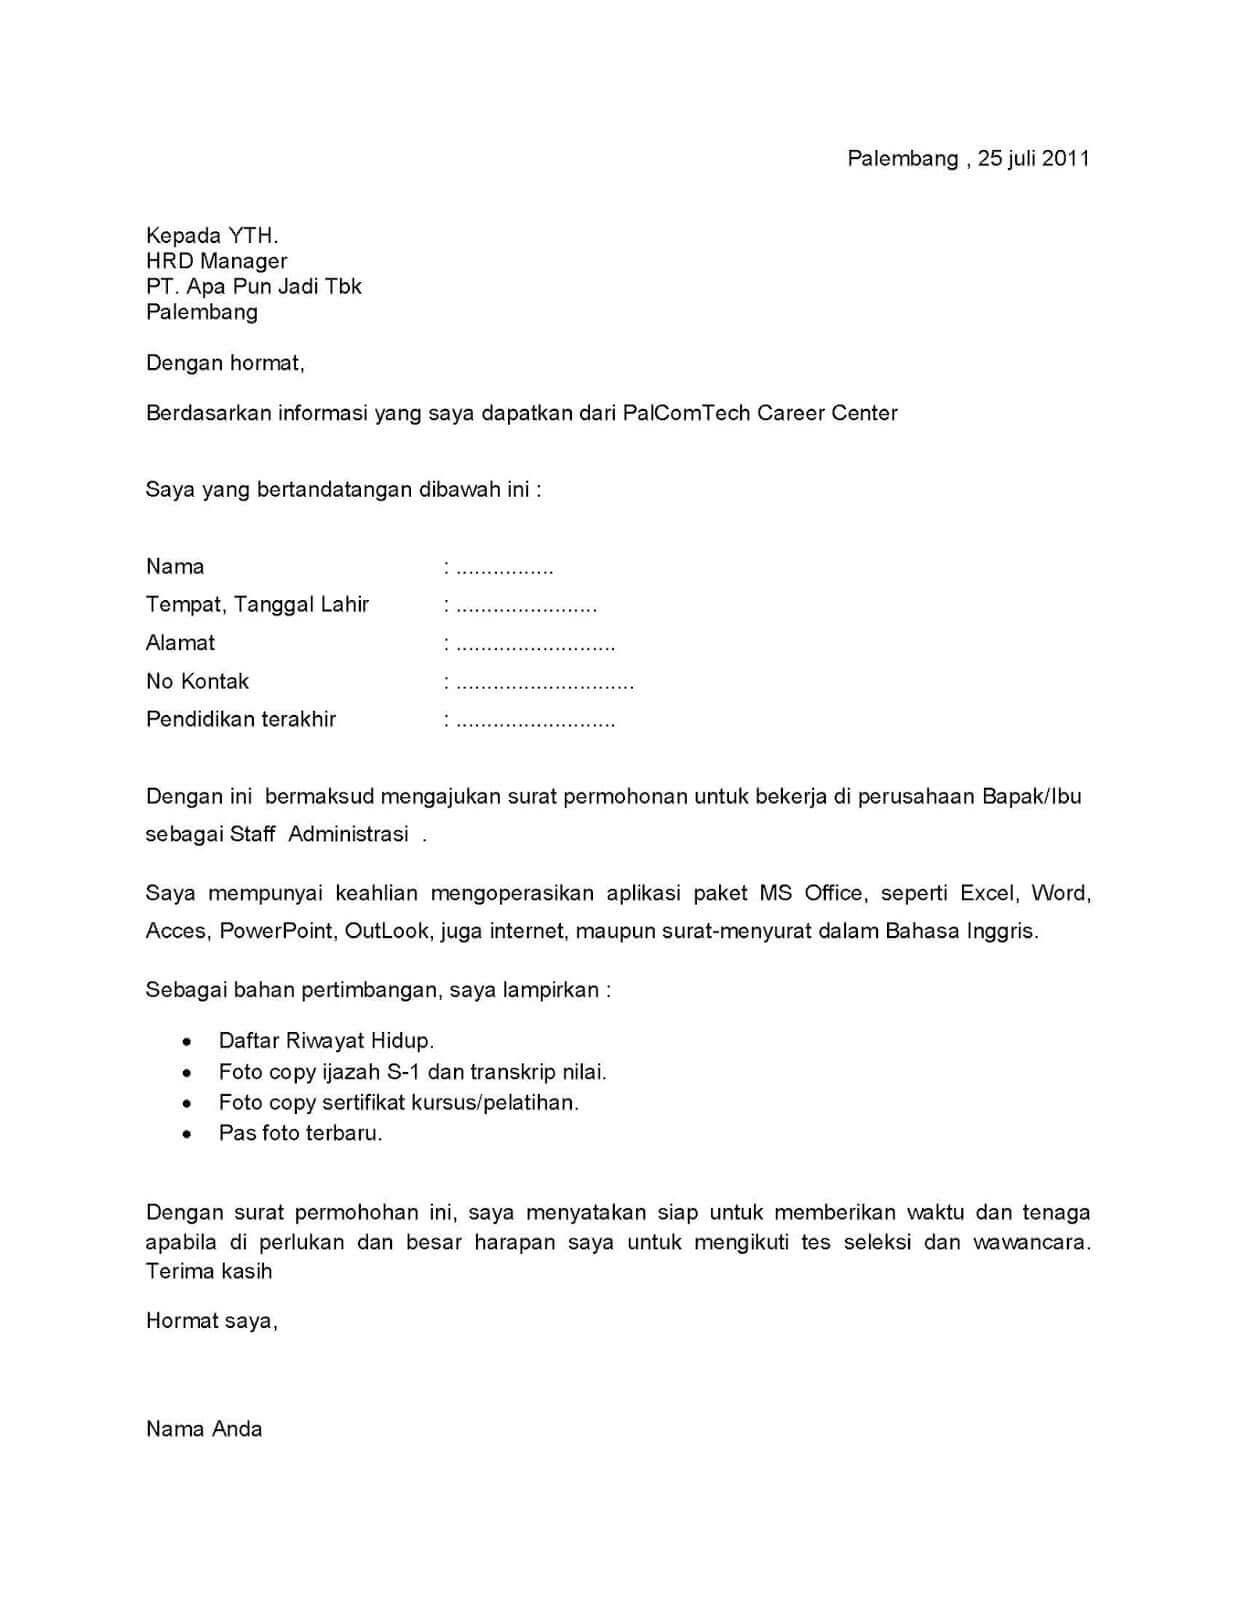 30 Contoh Surat Lamaran Pekerjaan Terlengkap Contoh Surat